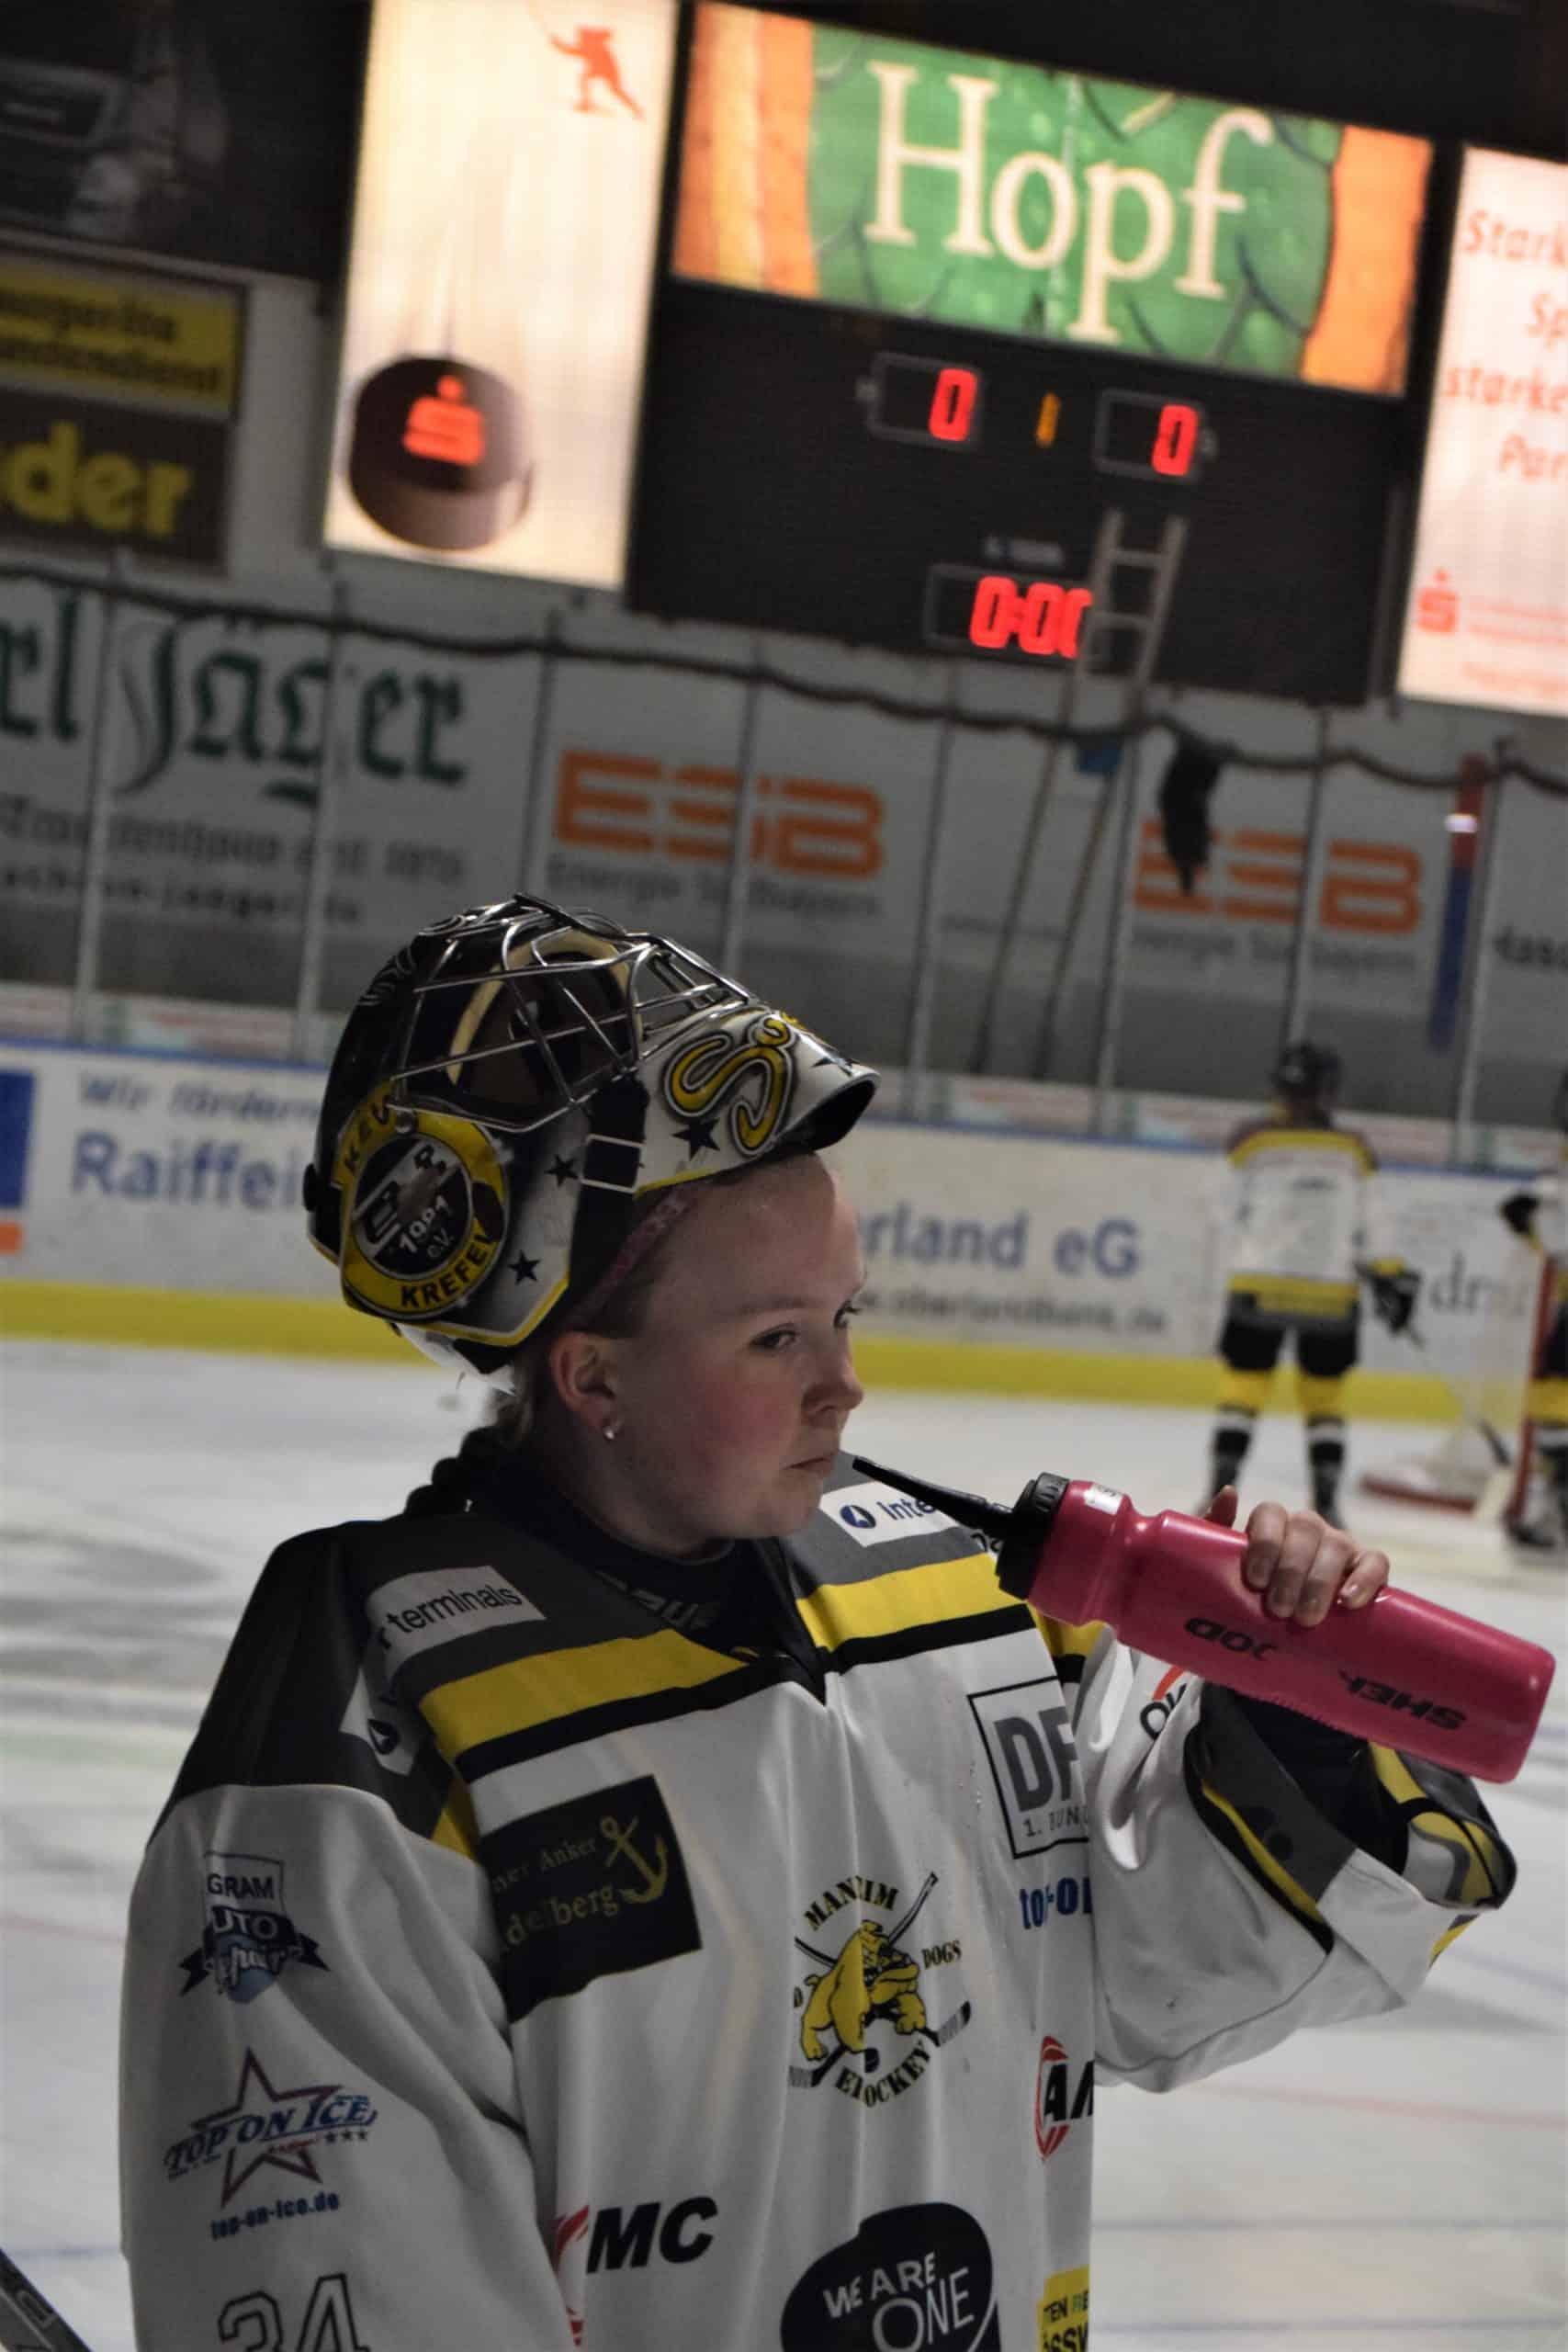 Svenja in Eishockey Ausrüstung beim Trinken